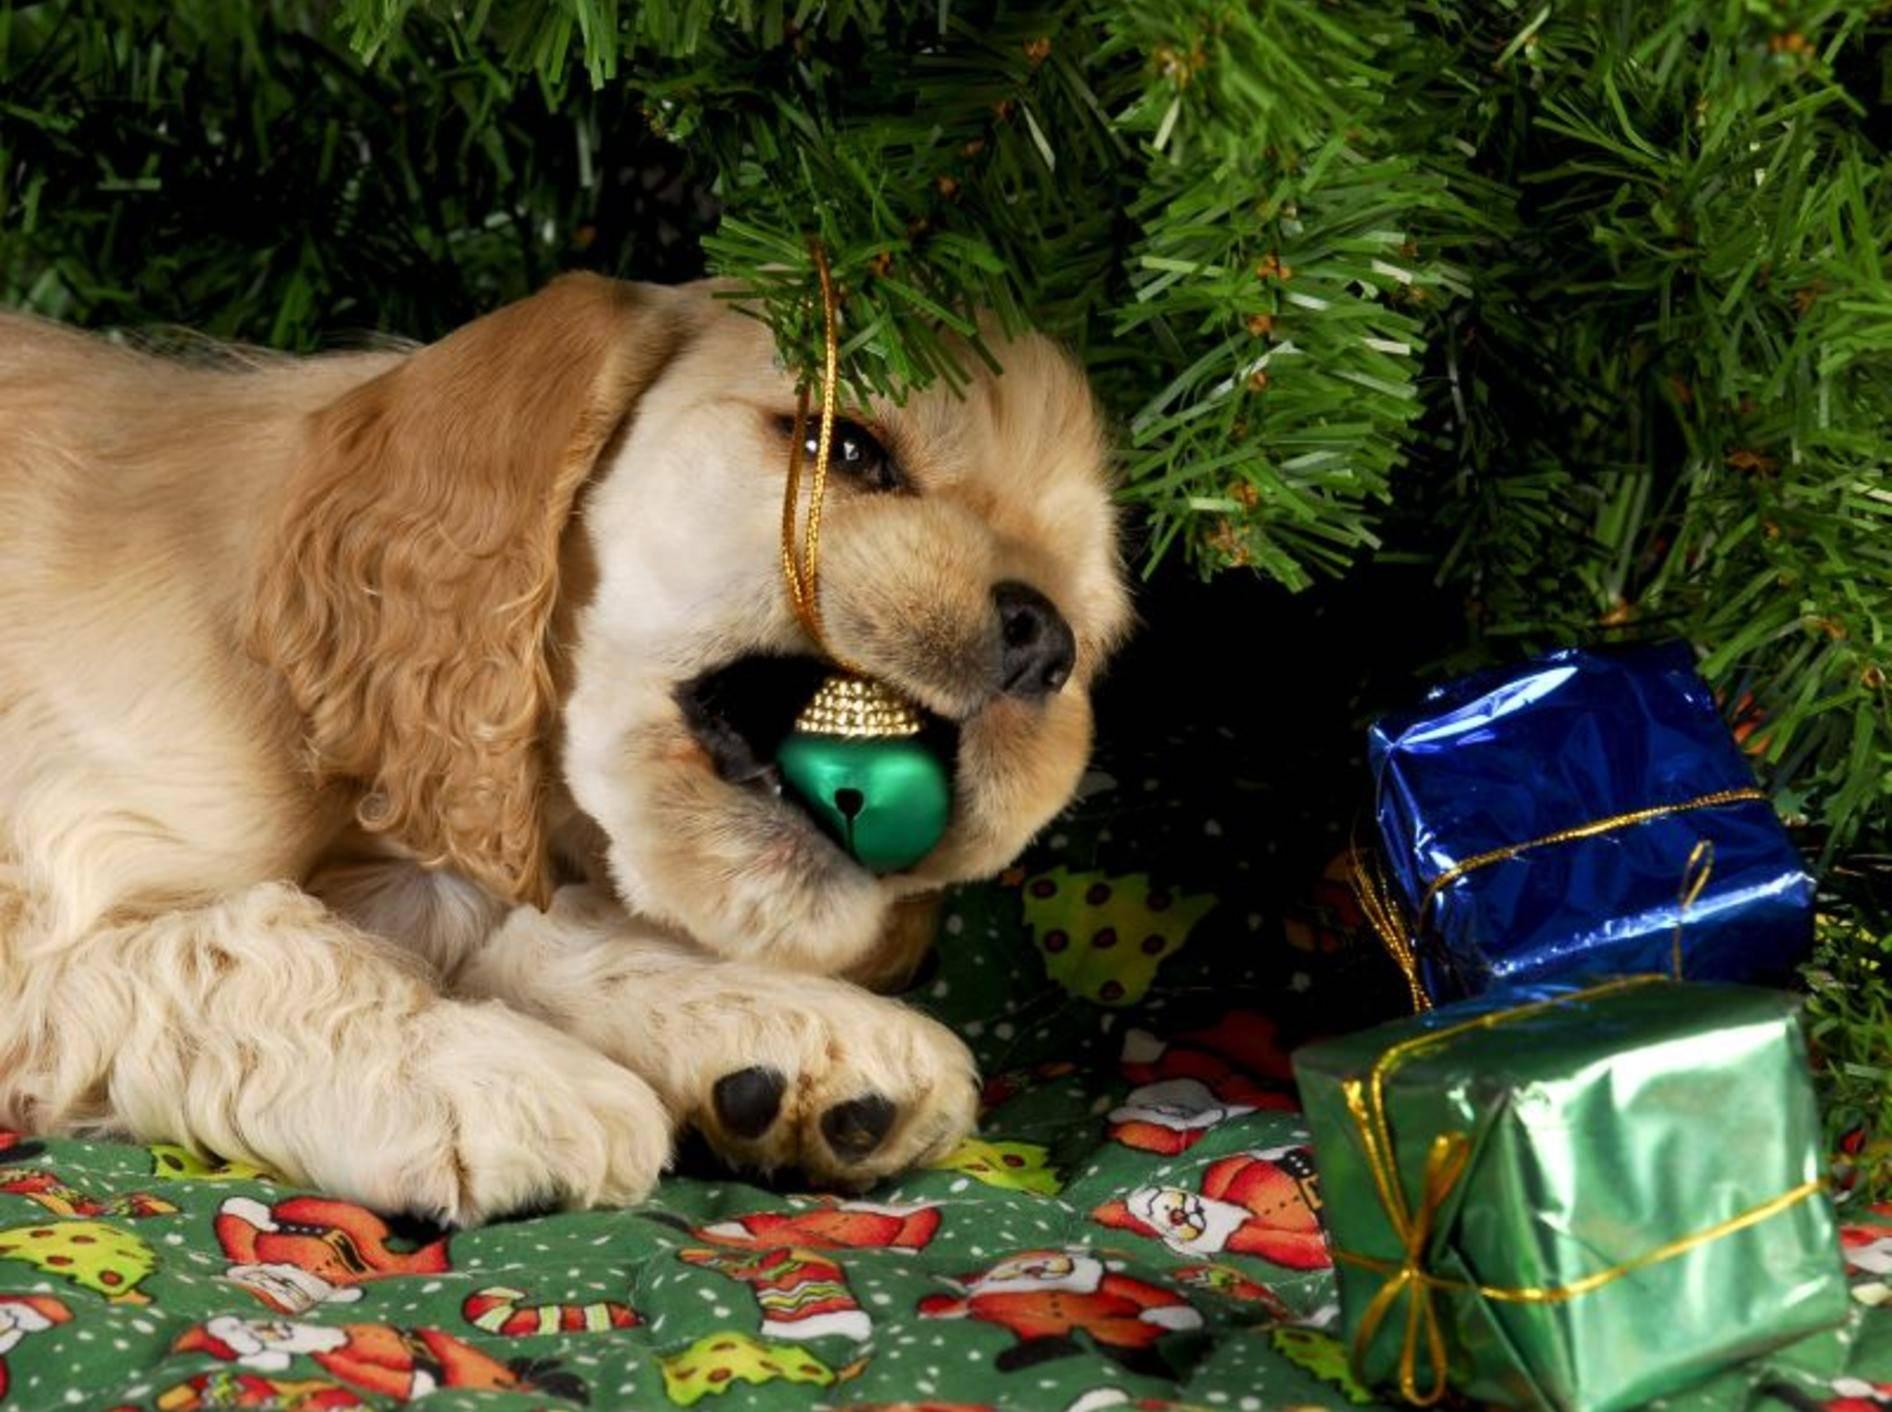 Weihnachtsdeko ist nichts für Hunde – Bild: Shutterstock / WilleeCole-Photography